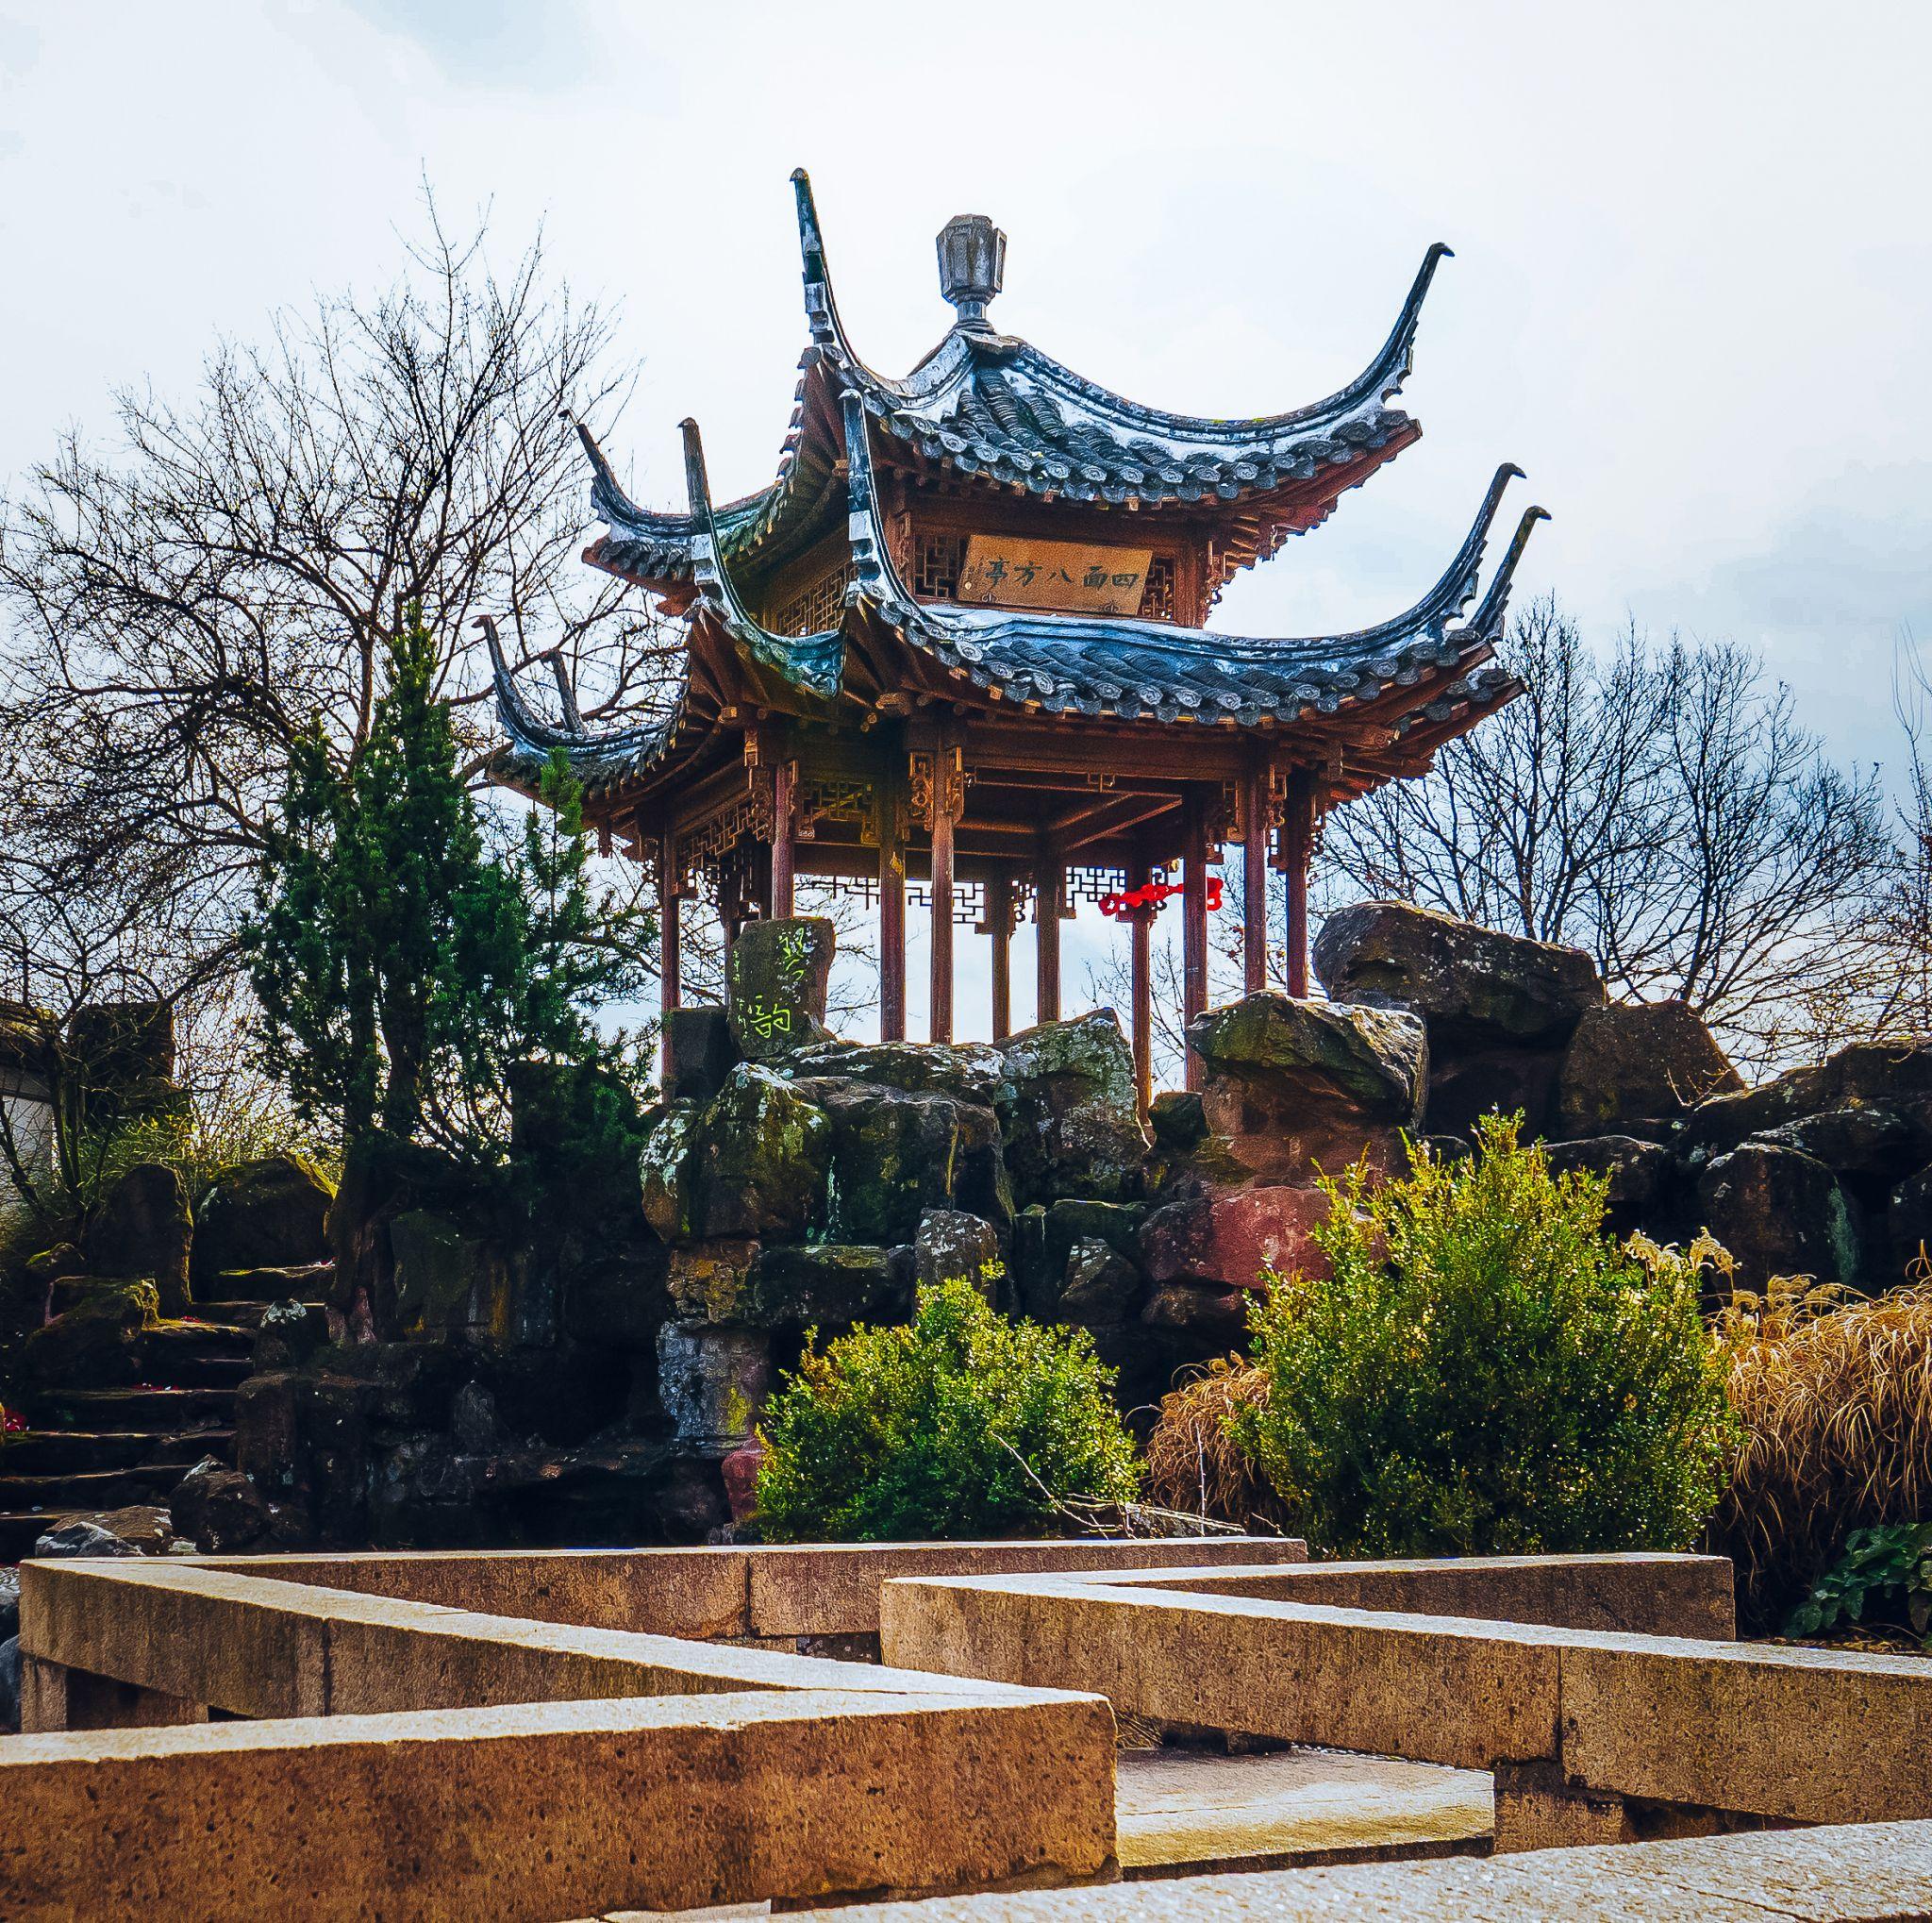 Chinese Garden Stuttgart, Germany